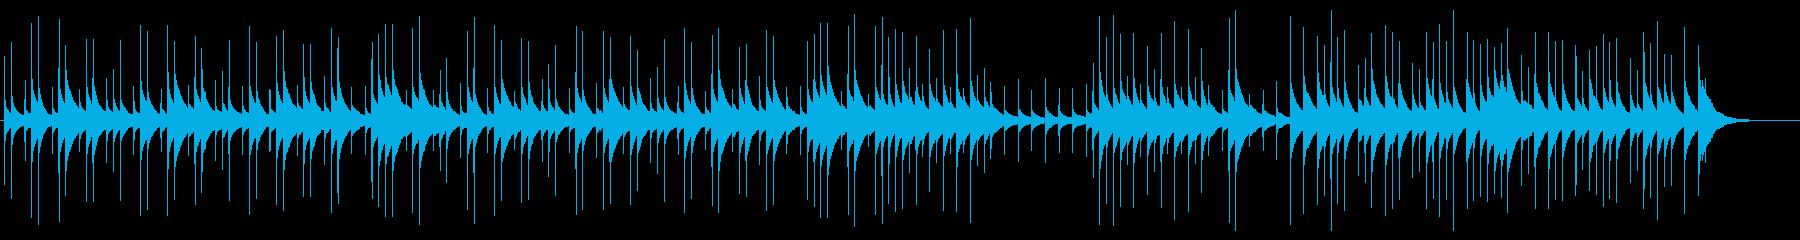 可愛くて癒される優しいオルゴールBGMの再生済みの波形